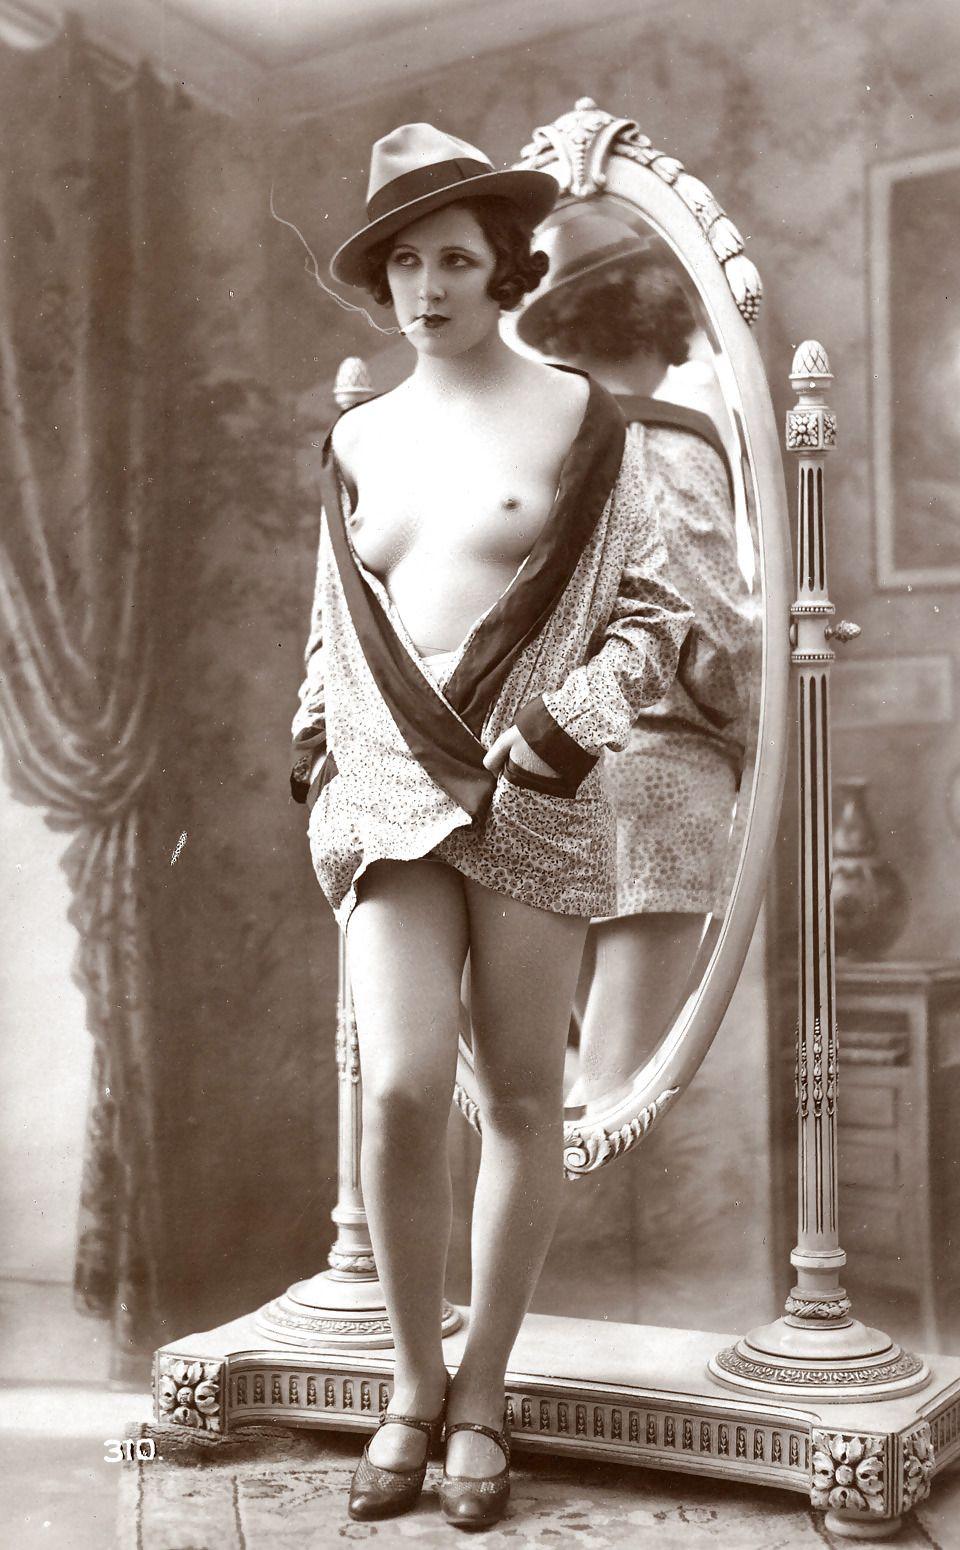 ваше внимание, немецкая эротика фото галереи ртом огромные хуи